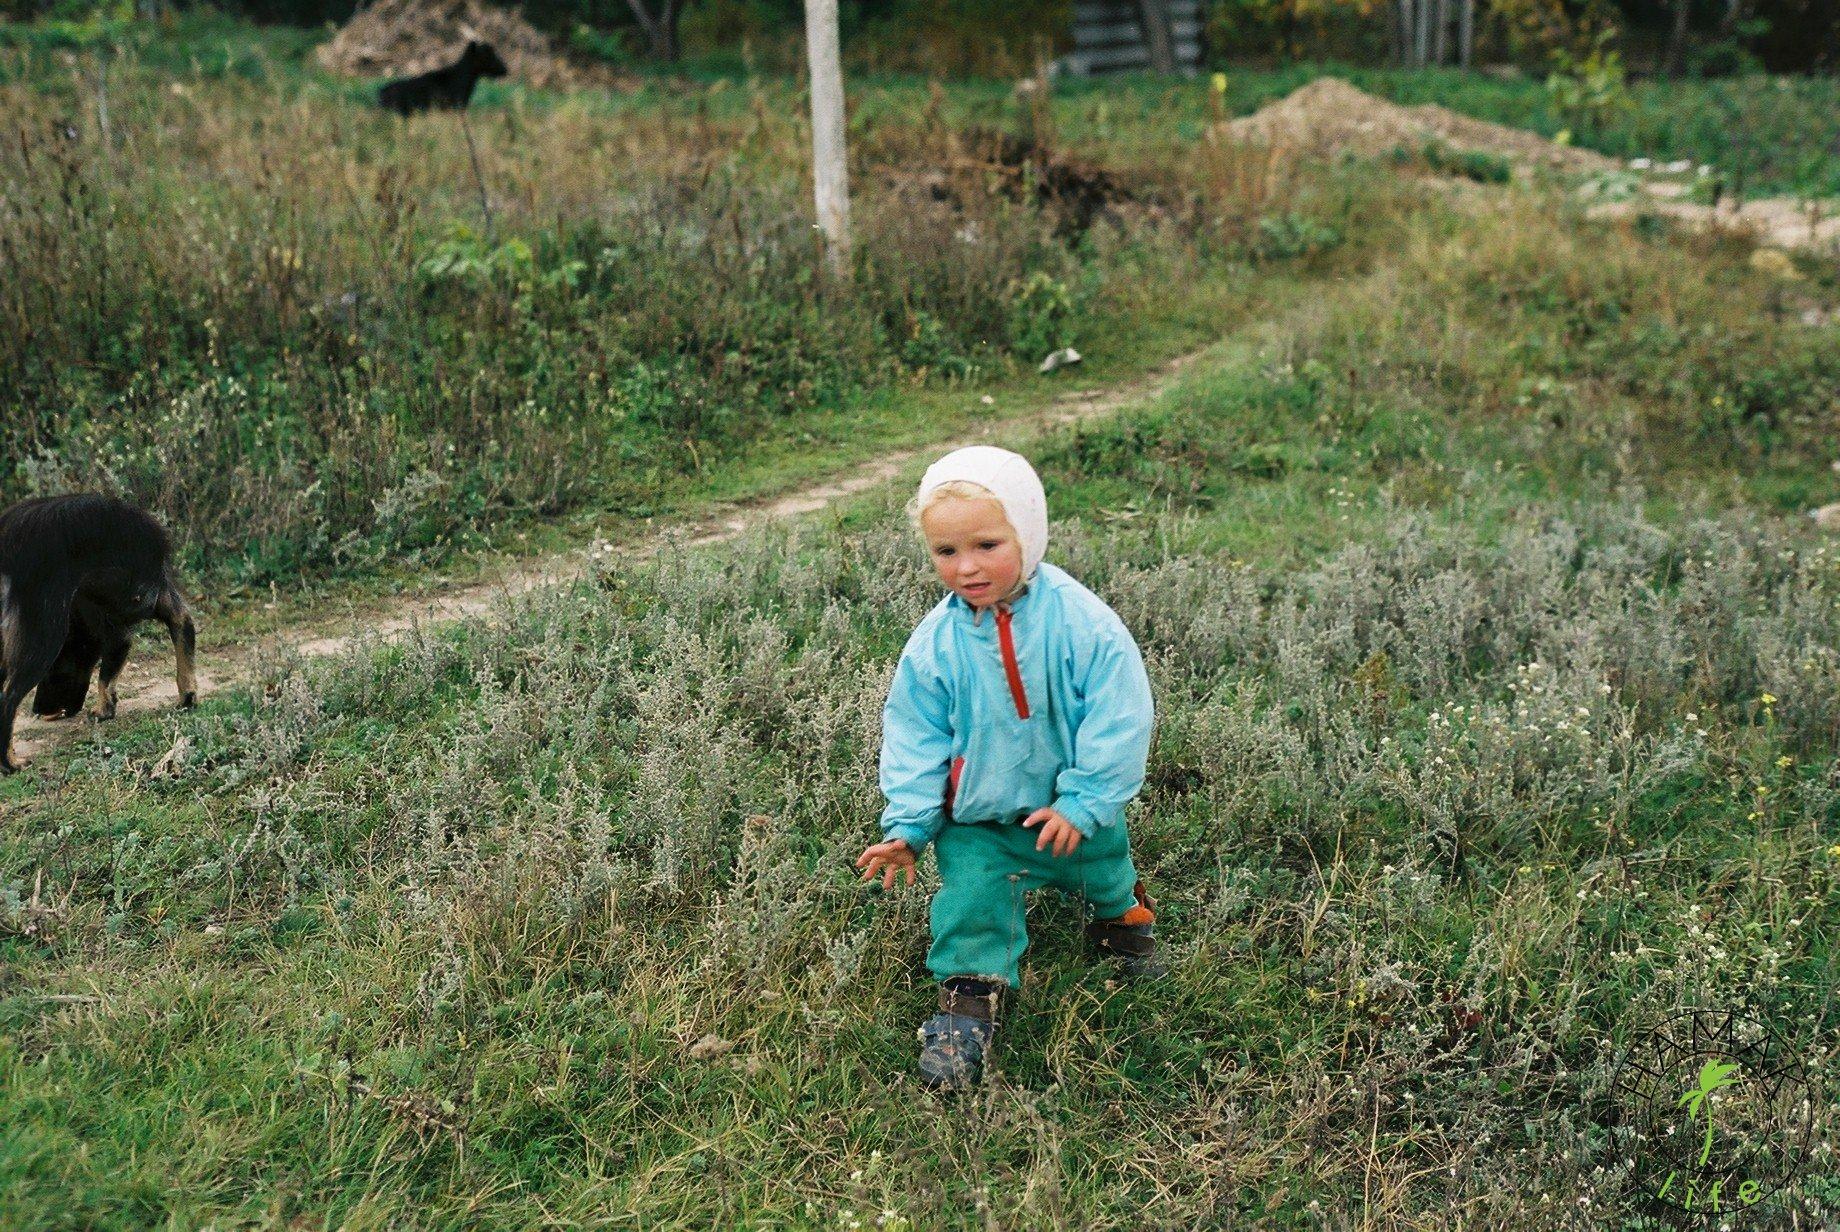 Reportaż z wioski w Mołdawii. Dziecko biegnie w kieunku czekolady.